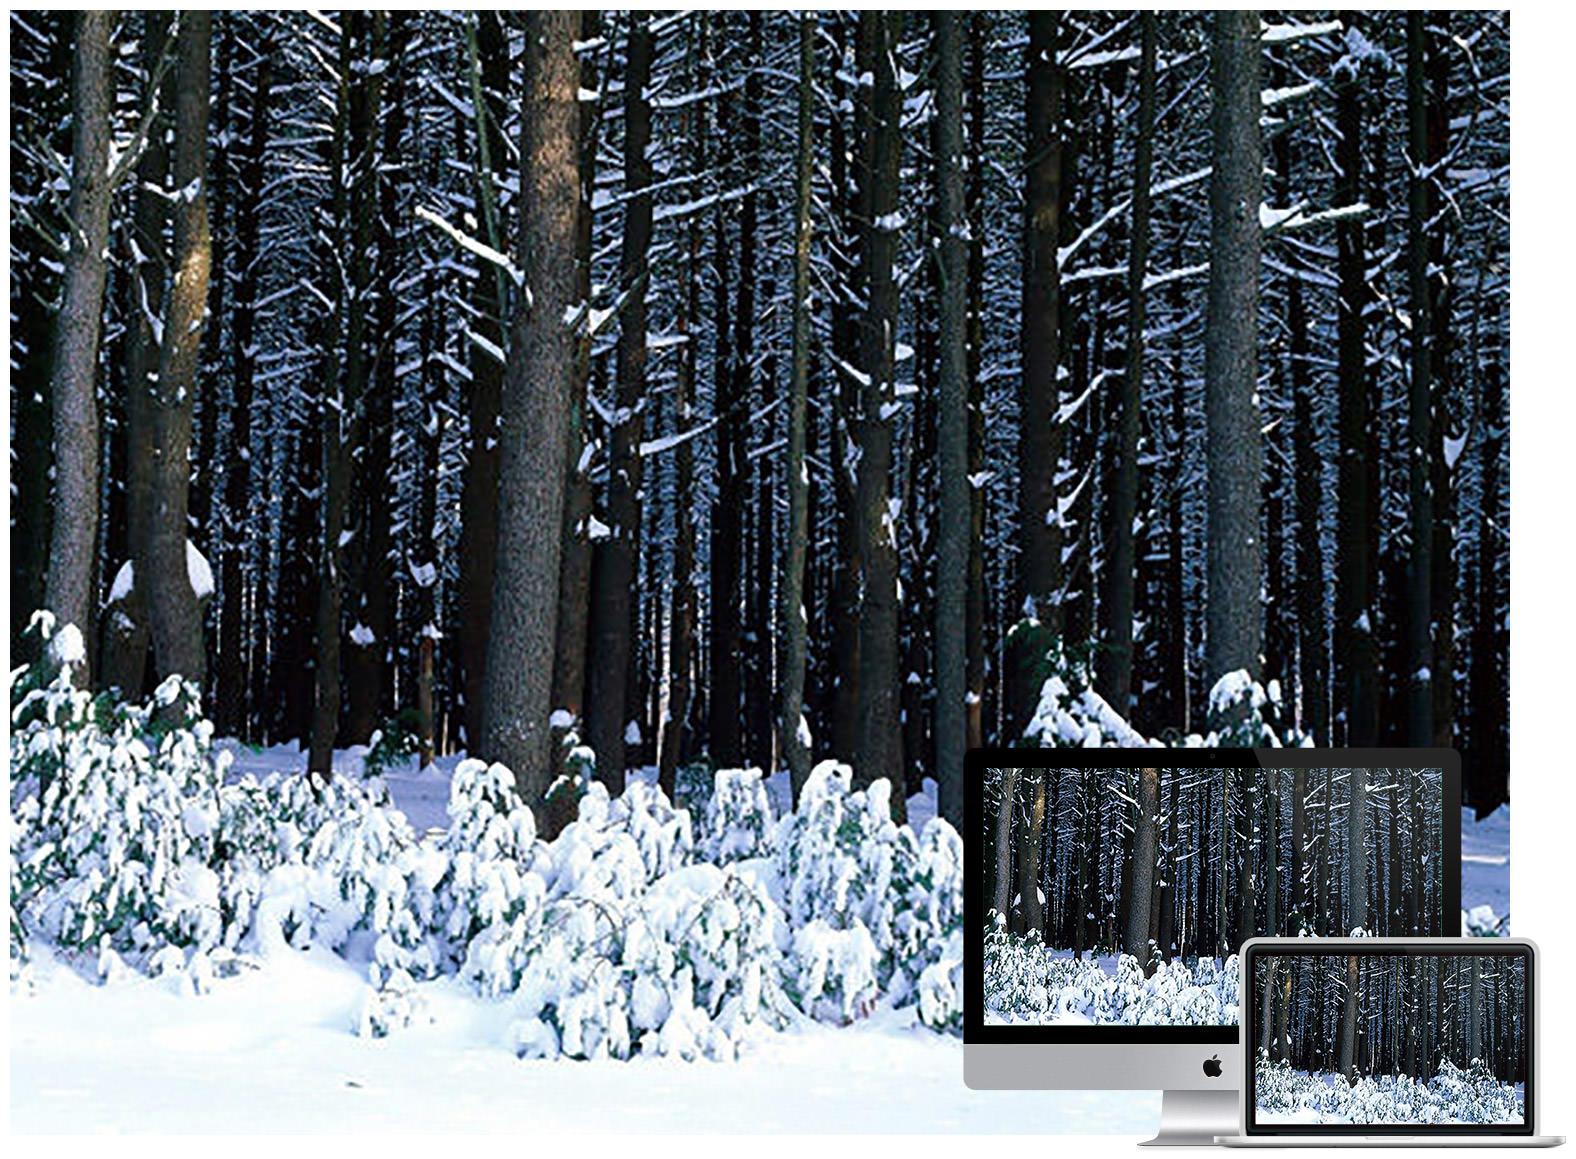 winter forest - Bộ ảnh nền mùa Đông đẹp dành cho máy tính